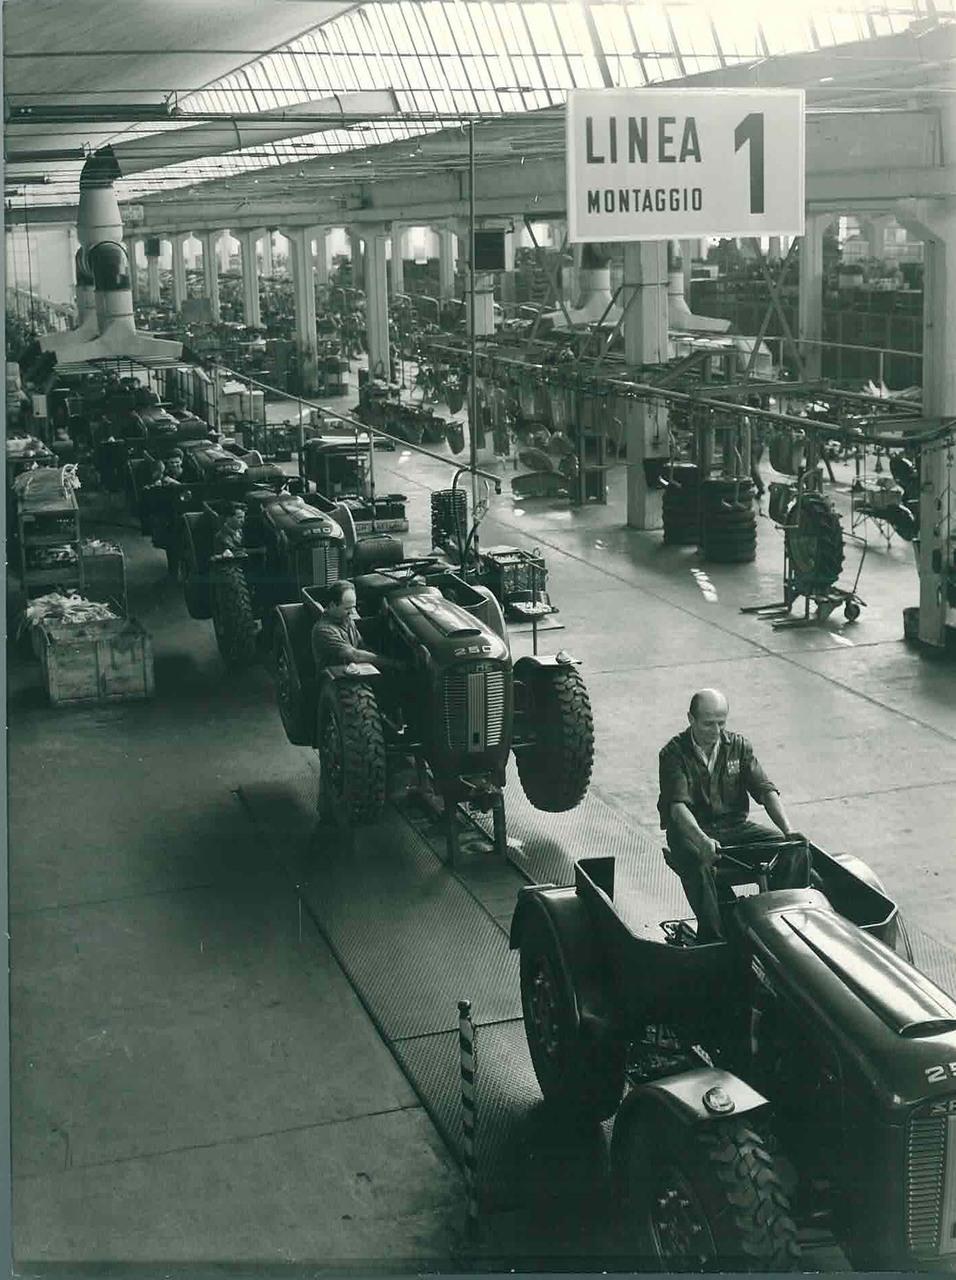 Stabilimento Same Line 1 di montaggio trattori. In primo piano il trattore SAME 250 serie automazione versione militare